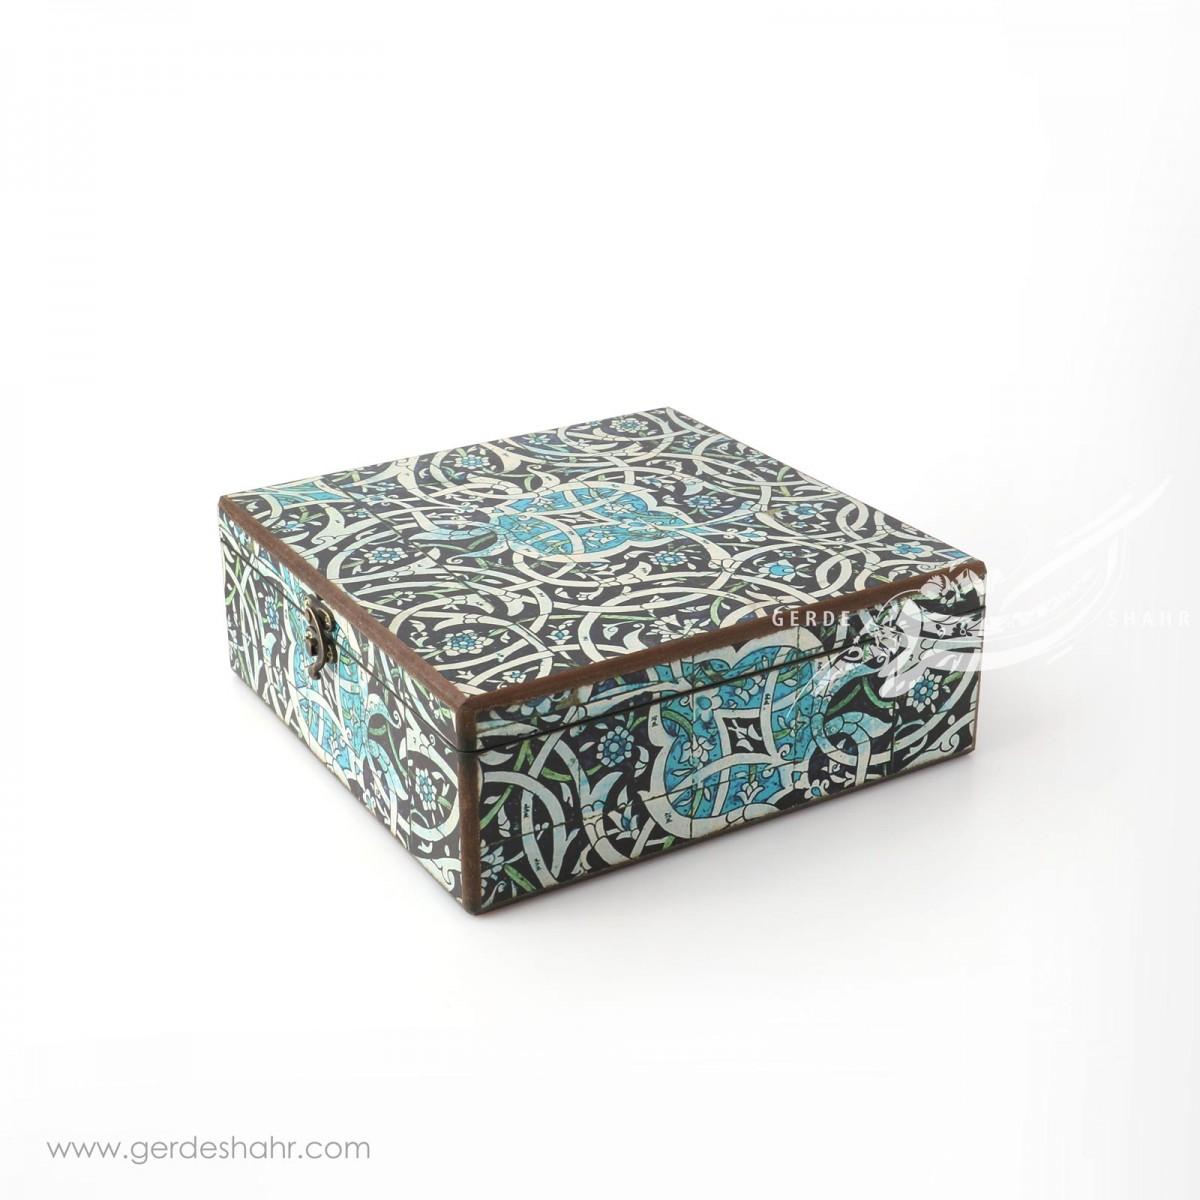 جعبه چوبی لاجورد سایز ۲۵ هفتگان جعبه و صندوقچه